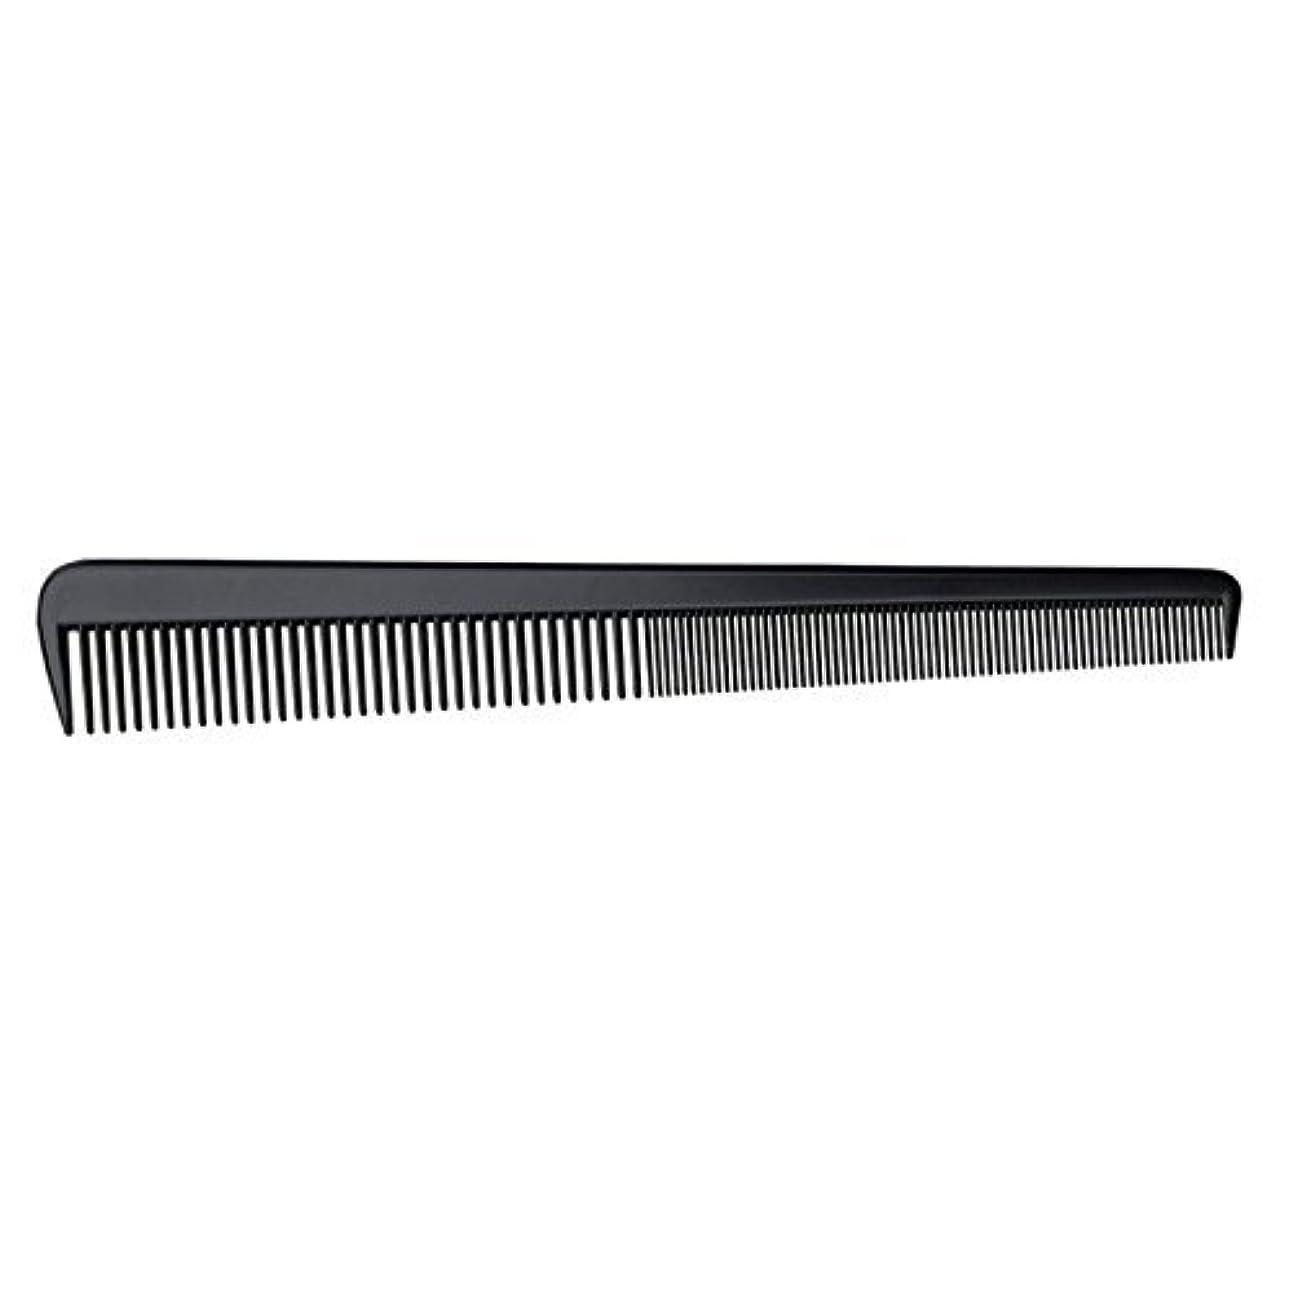 壊す自分自身エスカレートDiane Barber Comb 12 count 7-1/2 Inch [並行輸入品]